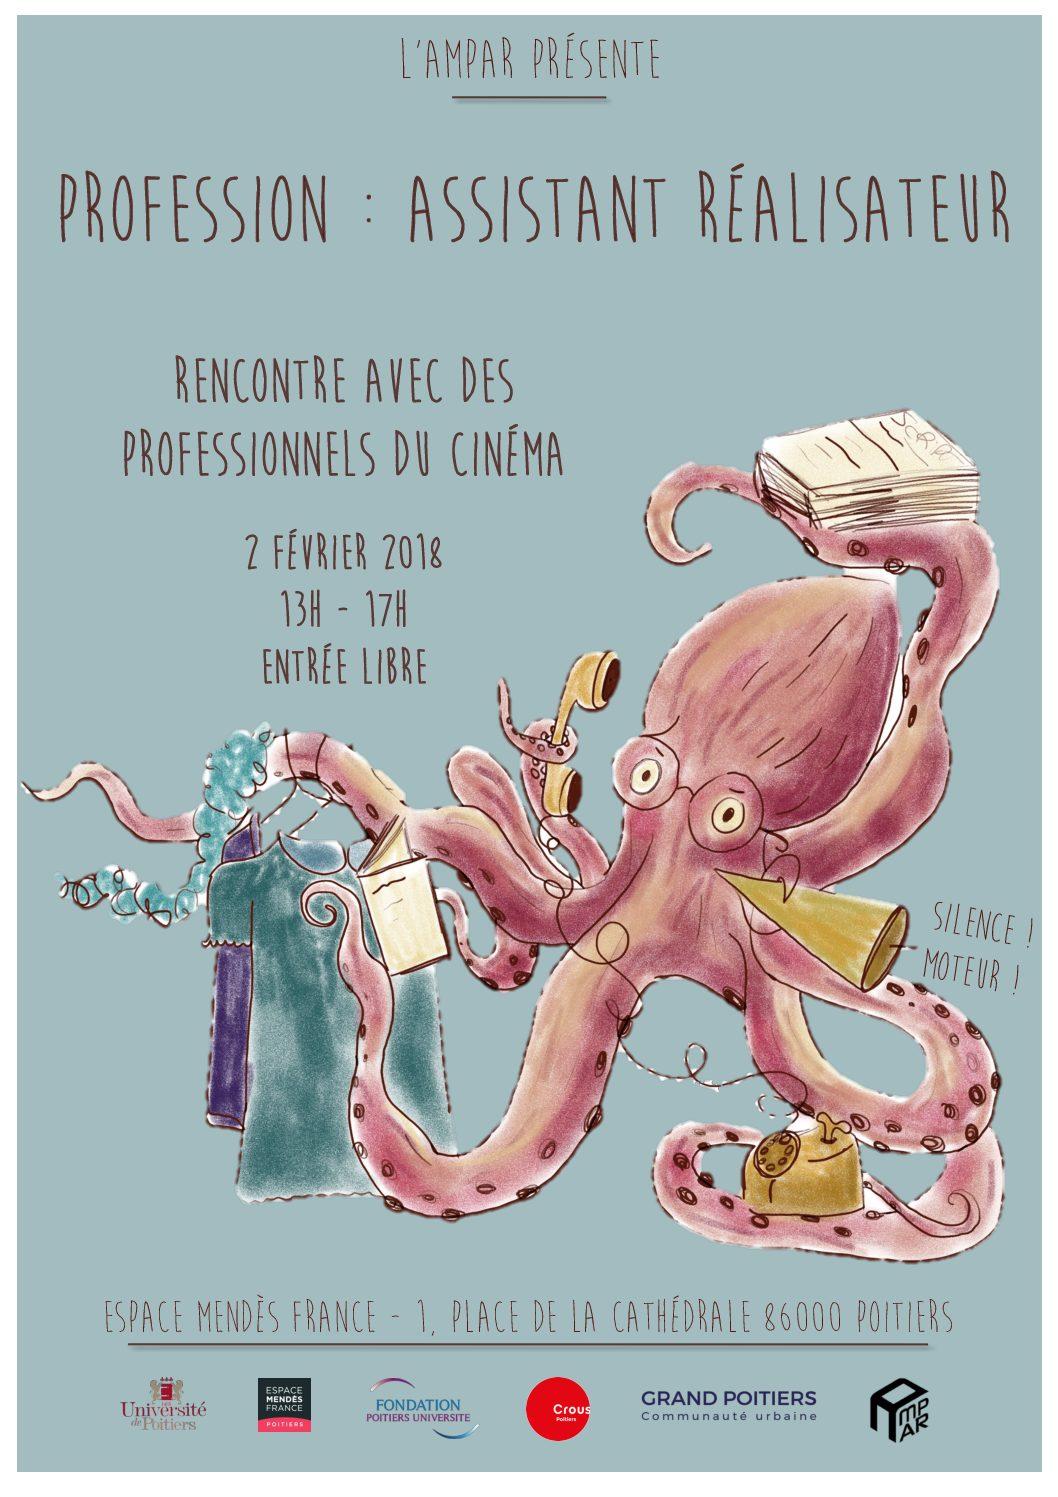 Profession : assistant réalisateur